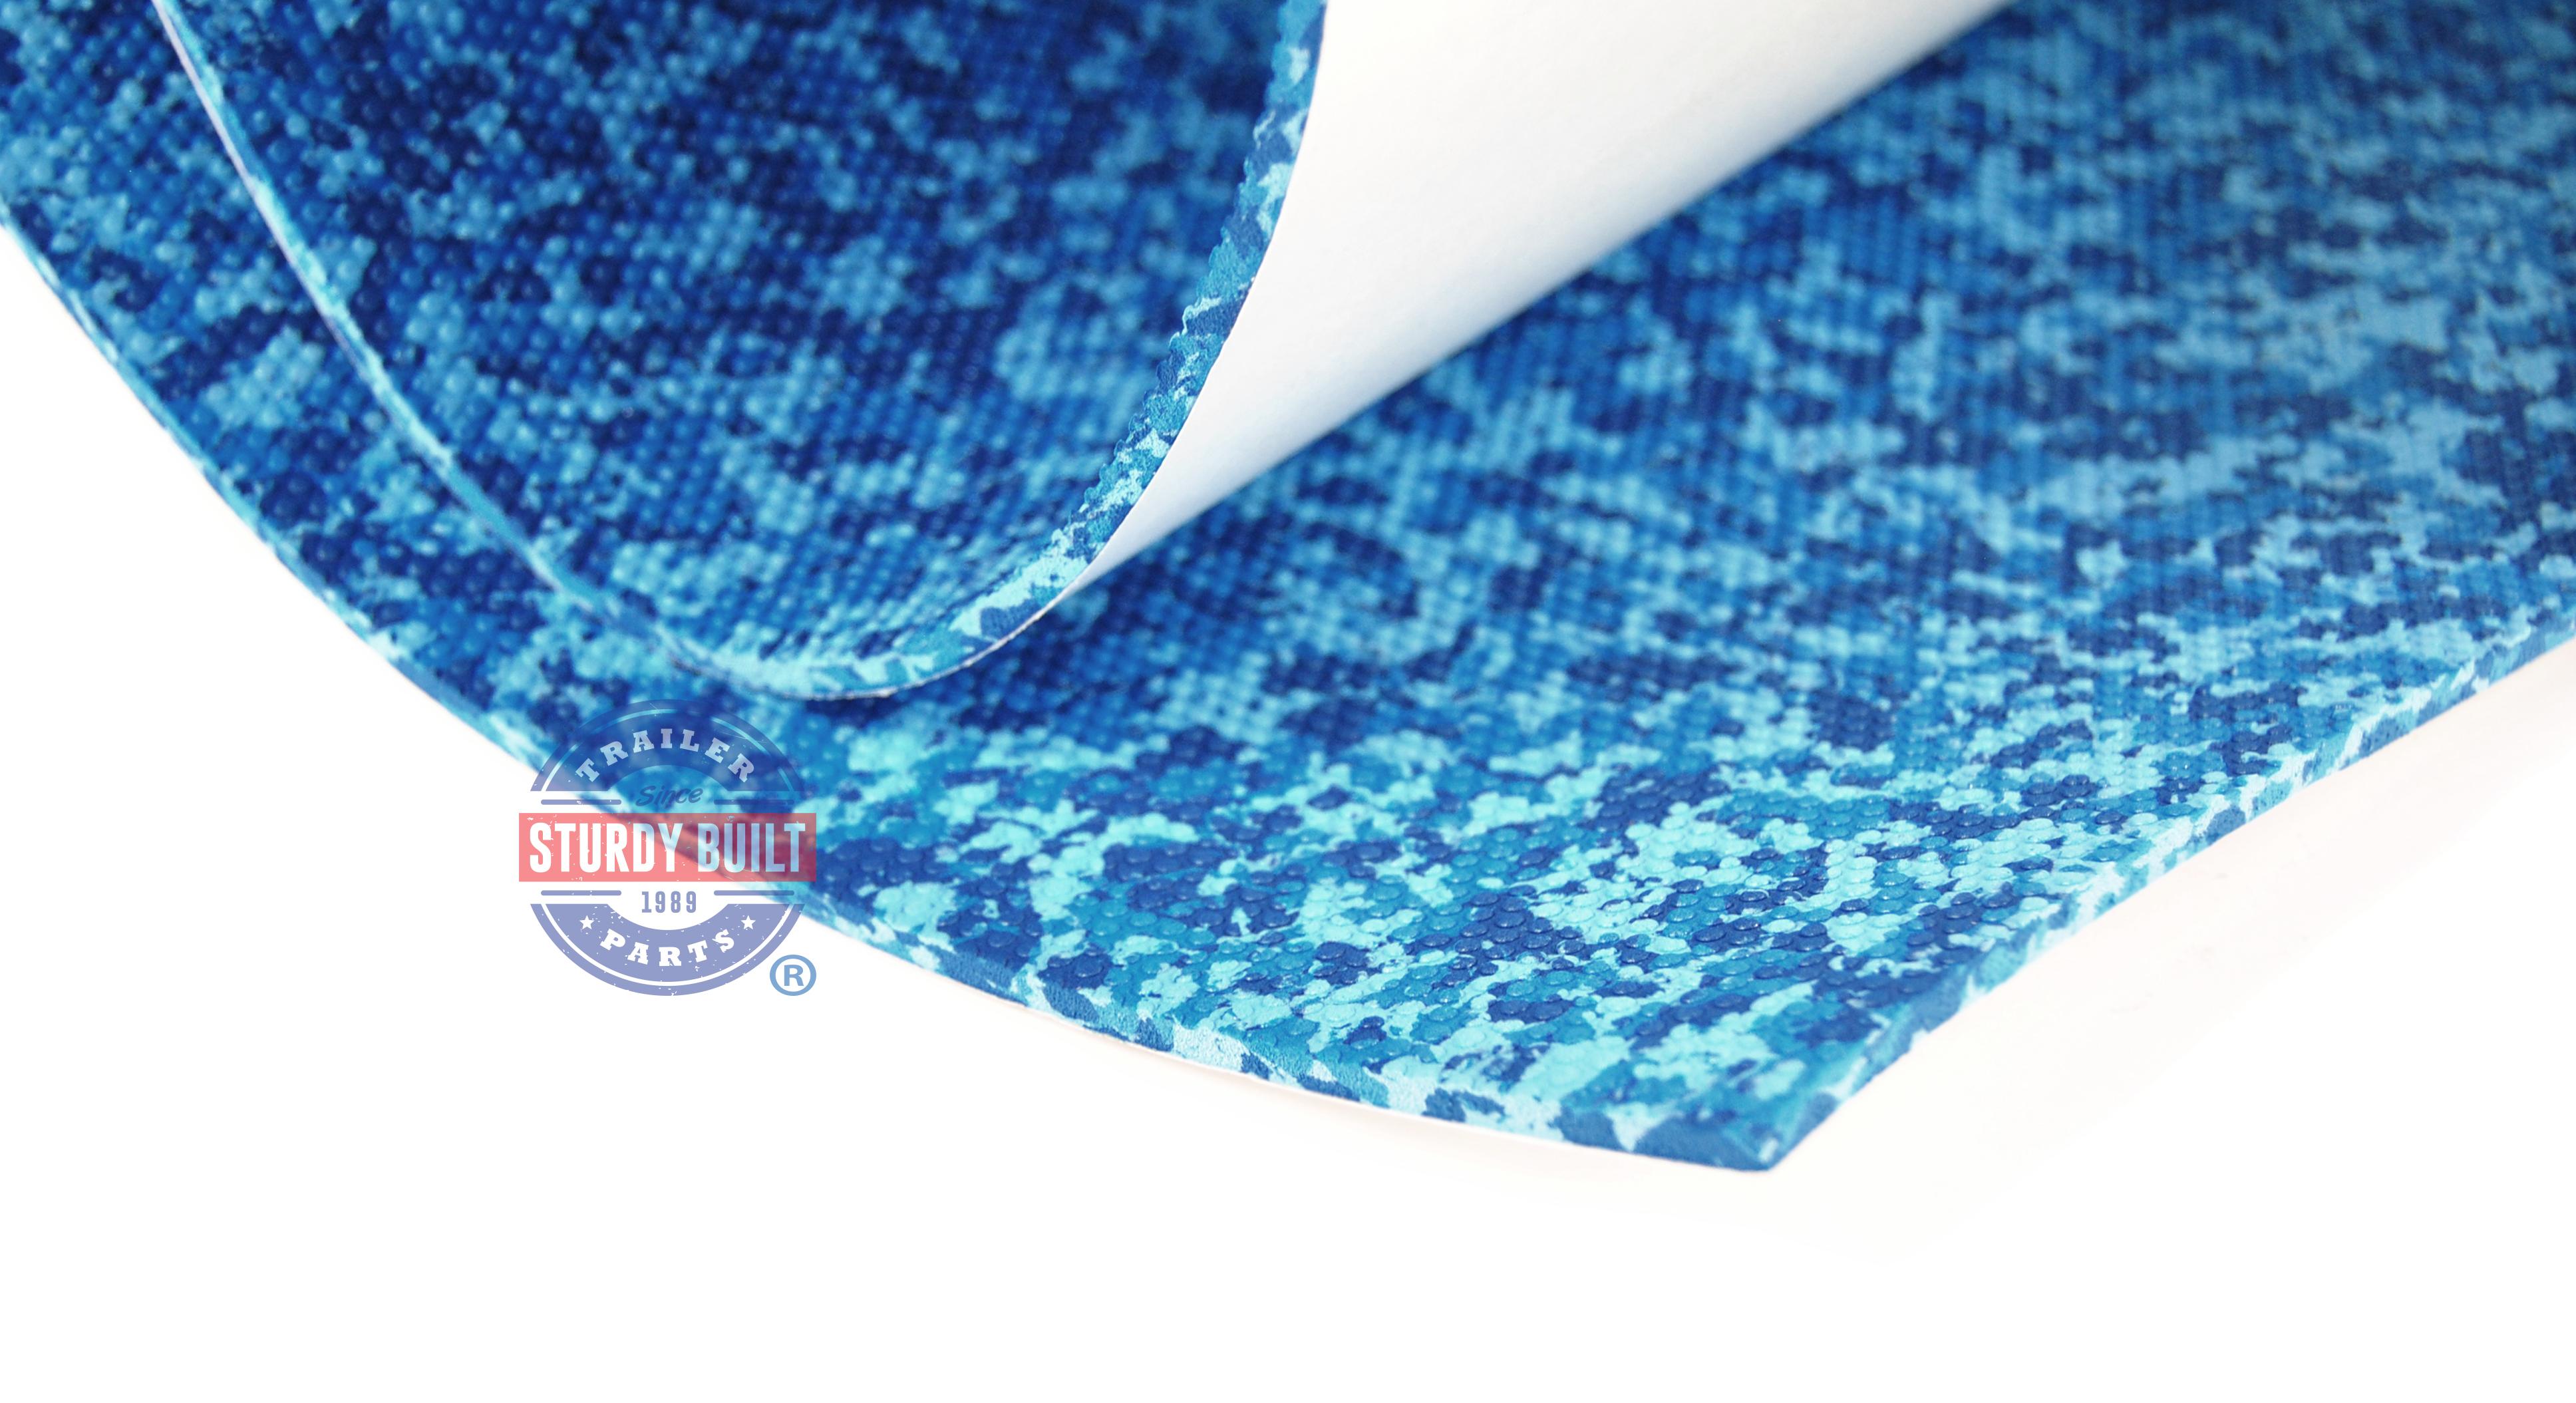 seadek marine sheet material      aqua camo boat mat  skid